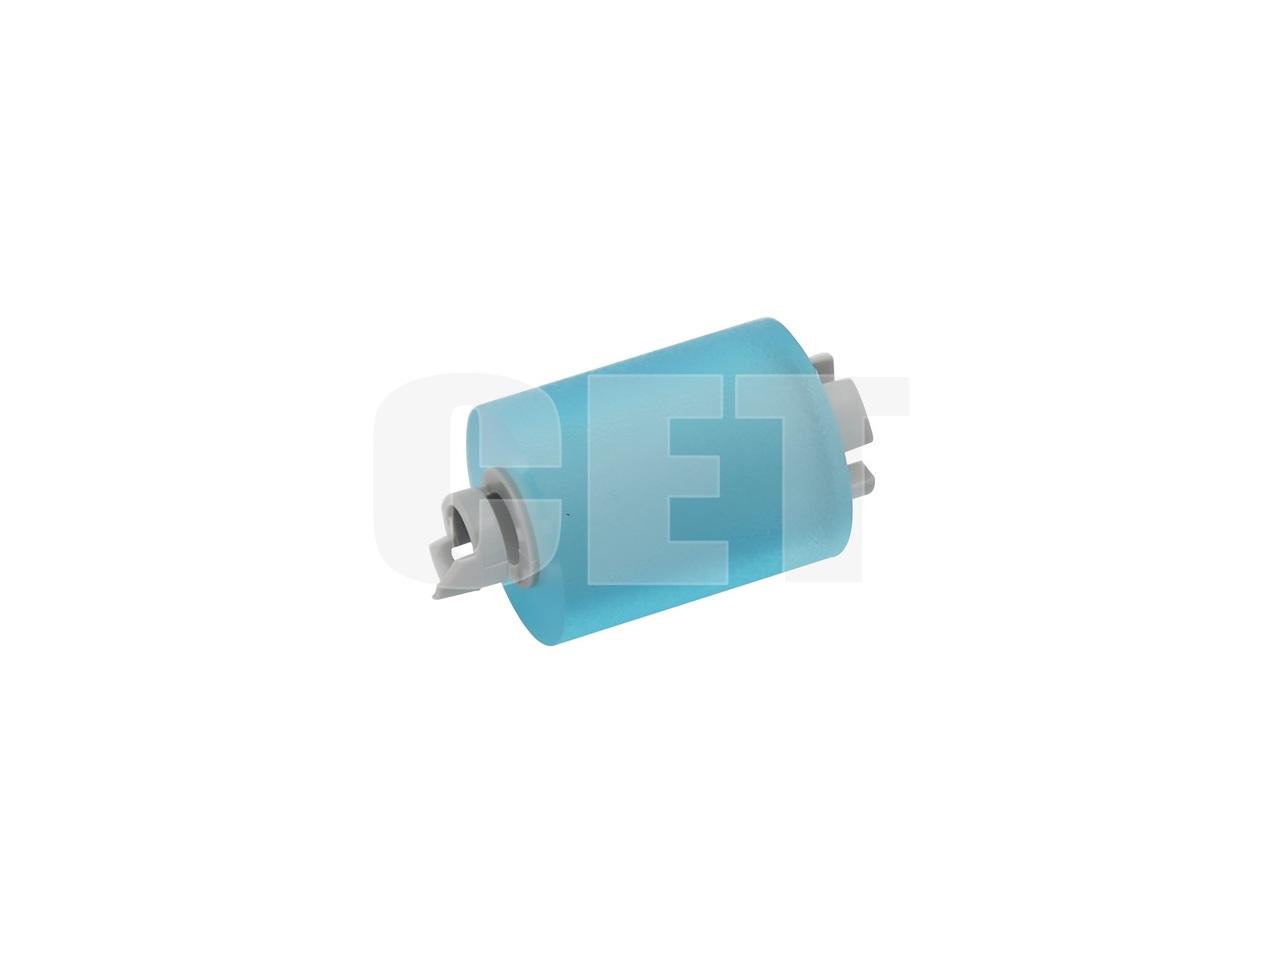 Ролик отделения (полиуретан) AA2J560000 для KONICAMINOLTA BizhubC250i/C300i/C360i/C450i/C550i/C650i/C458/C558/C658 (CET),CET341038